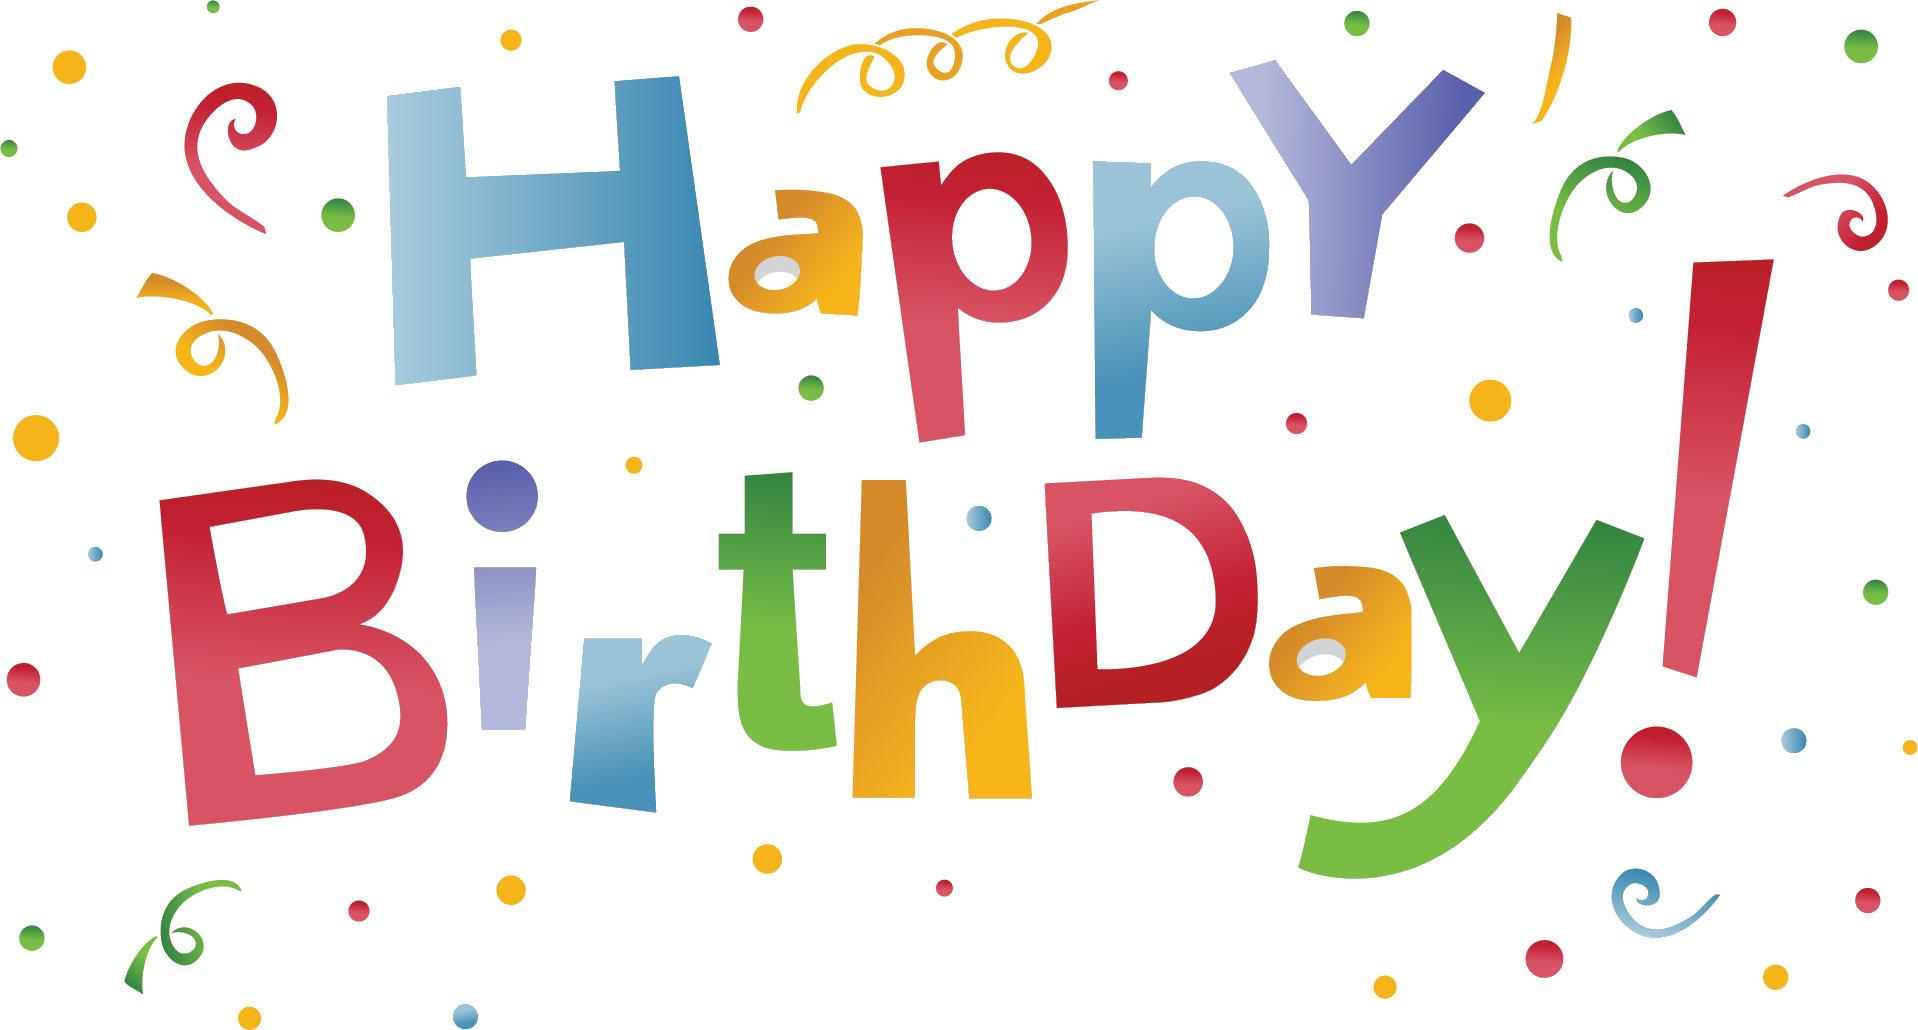 Happy Birthday Images Hombres ~ R�tulos de happy birthday fiestas infantiles ideas y material gratis para